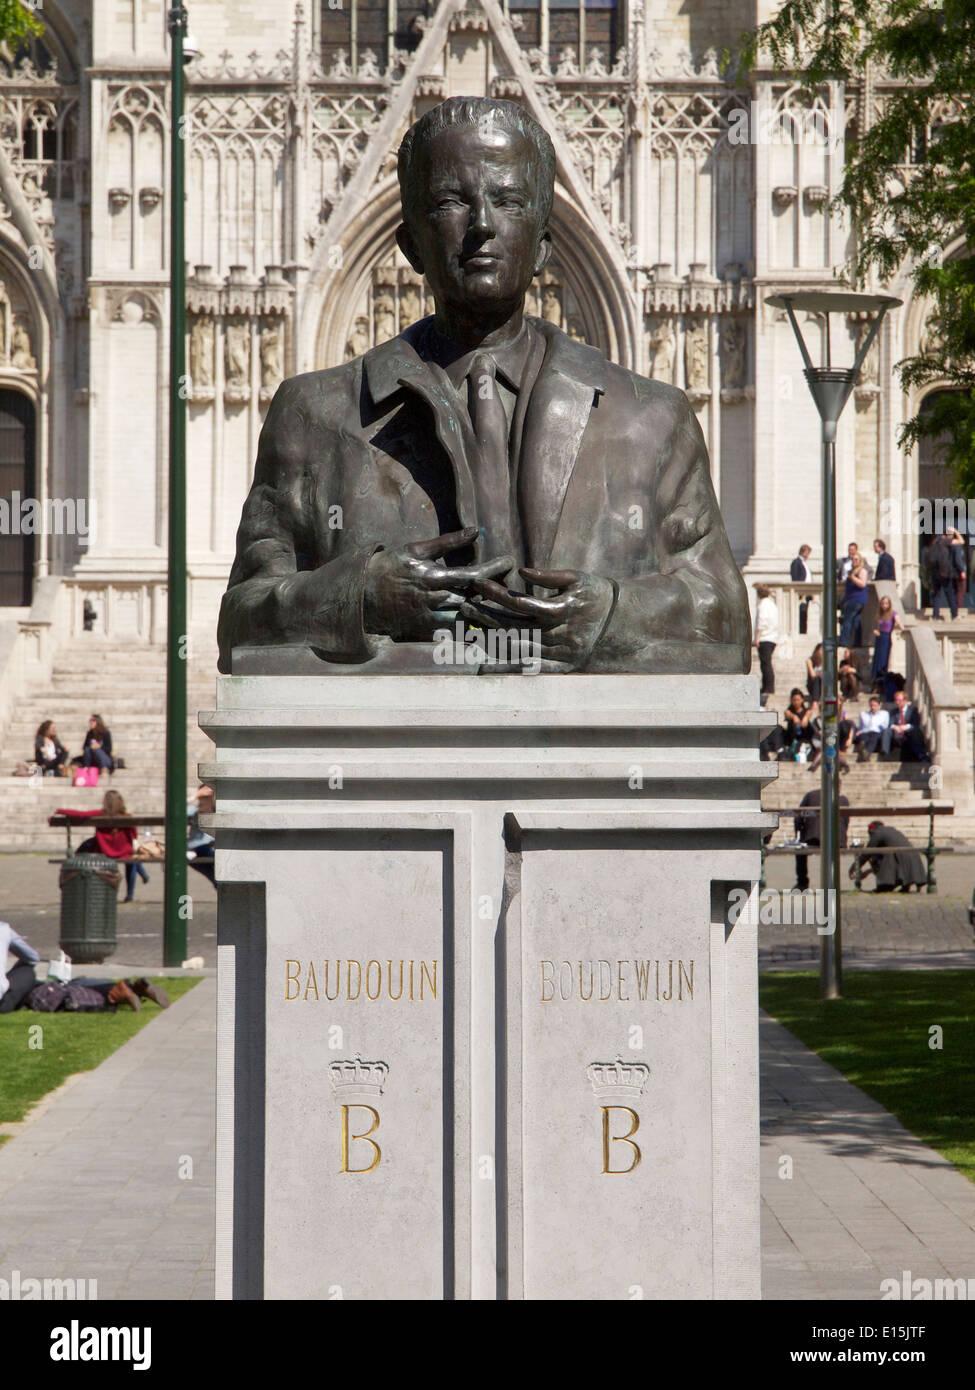 Buste du Roi Baudouin de Belgique dans le parc en face de la cathédrale de  Bruxelles b521b3bd9361